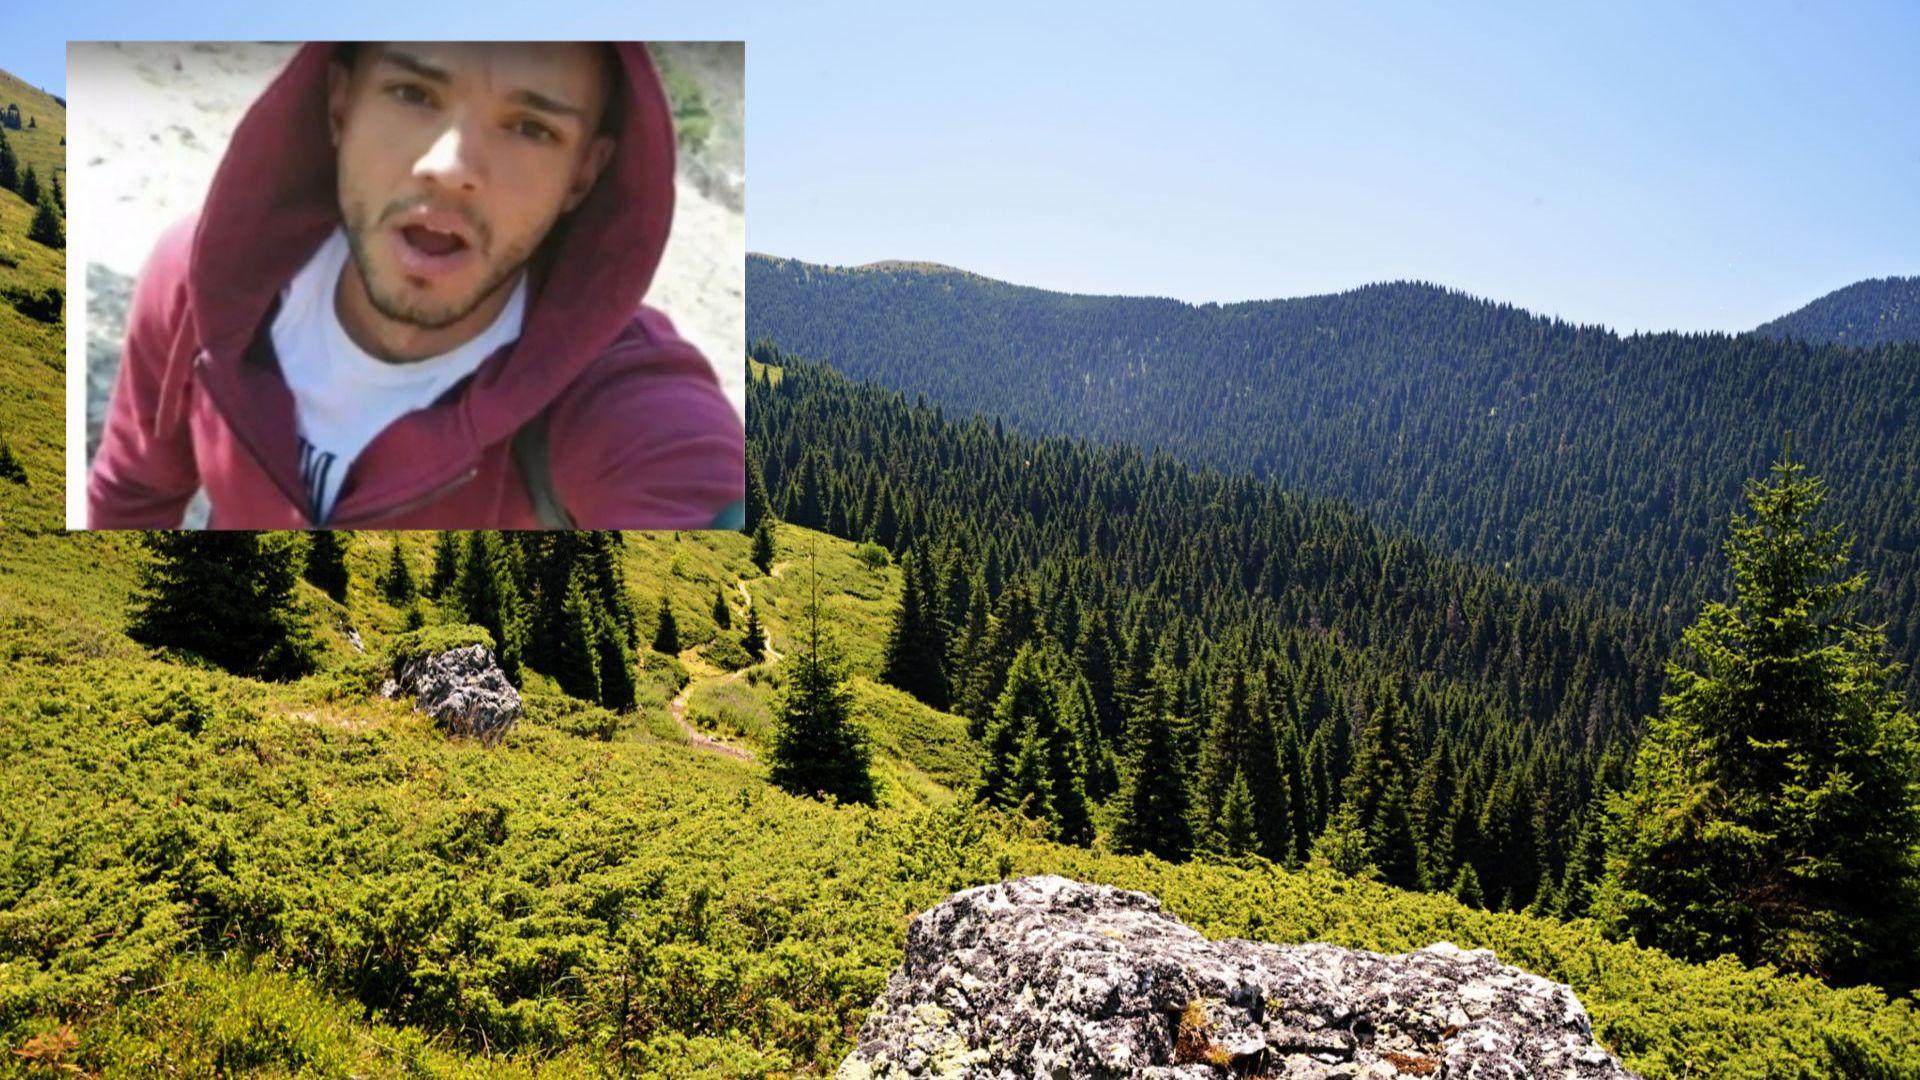 21-годишен младеж от Карлово изчезна безследно в Стара планина. От